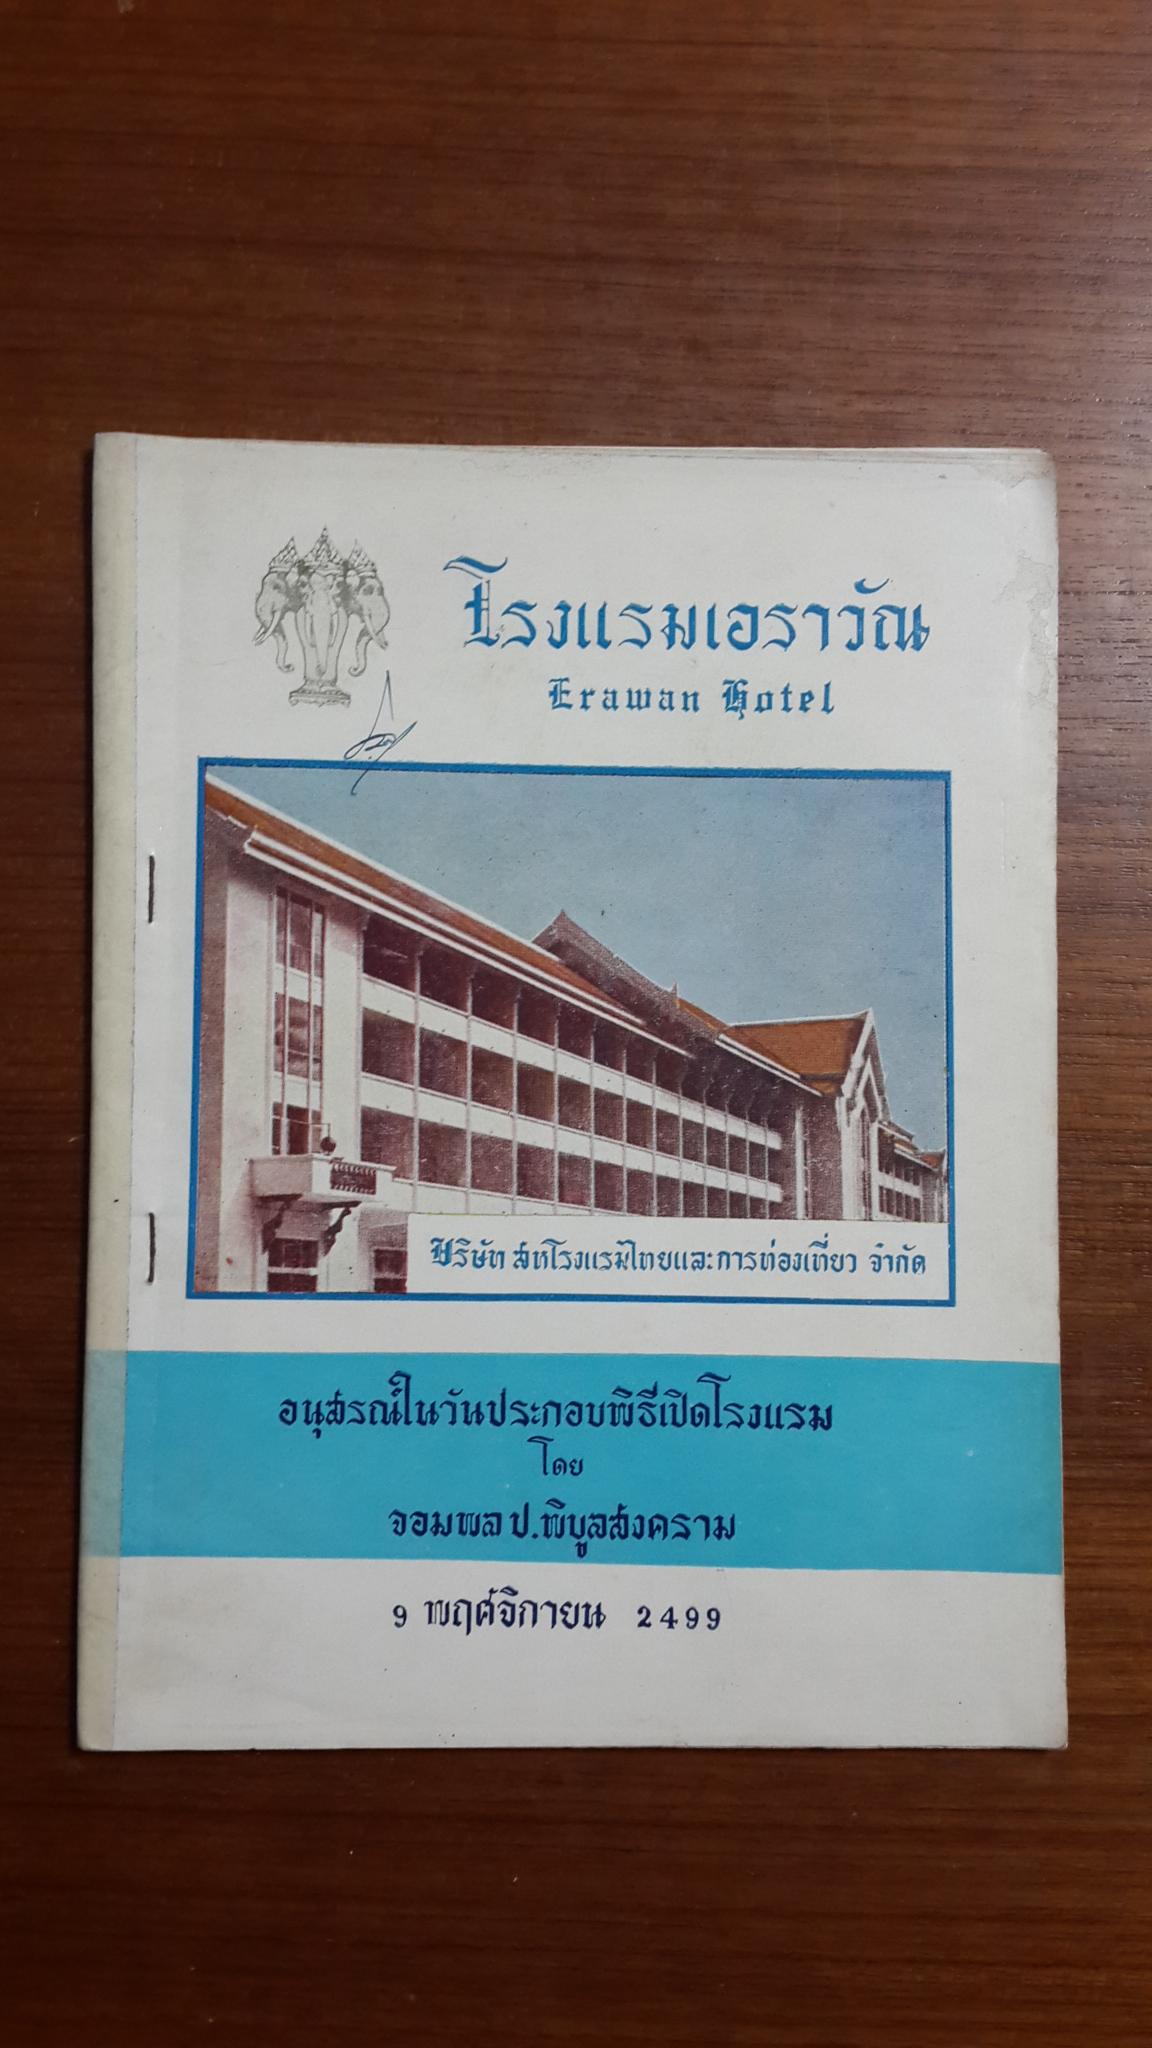 อนุสรณ์ในวันประกอบพิธีเปิดโรงแรมเอราวัณ โดย จอมพล ป.พิบูลสงคราม